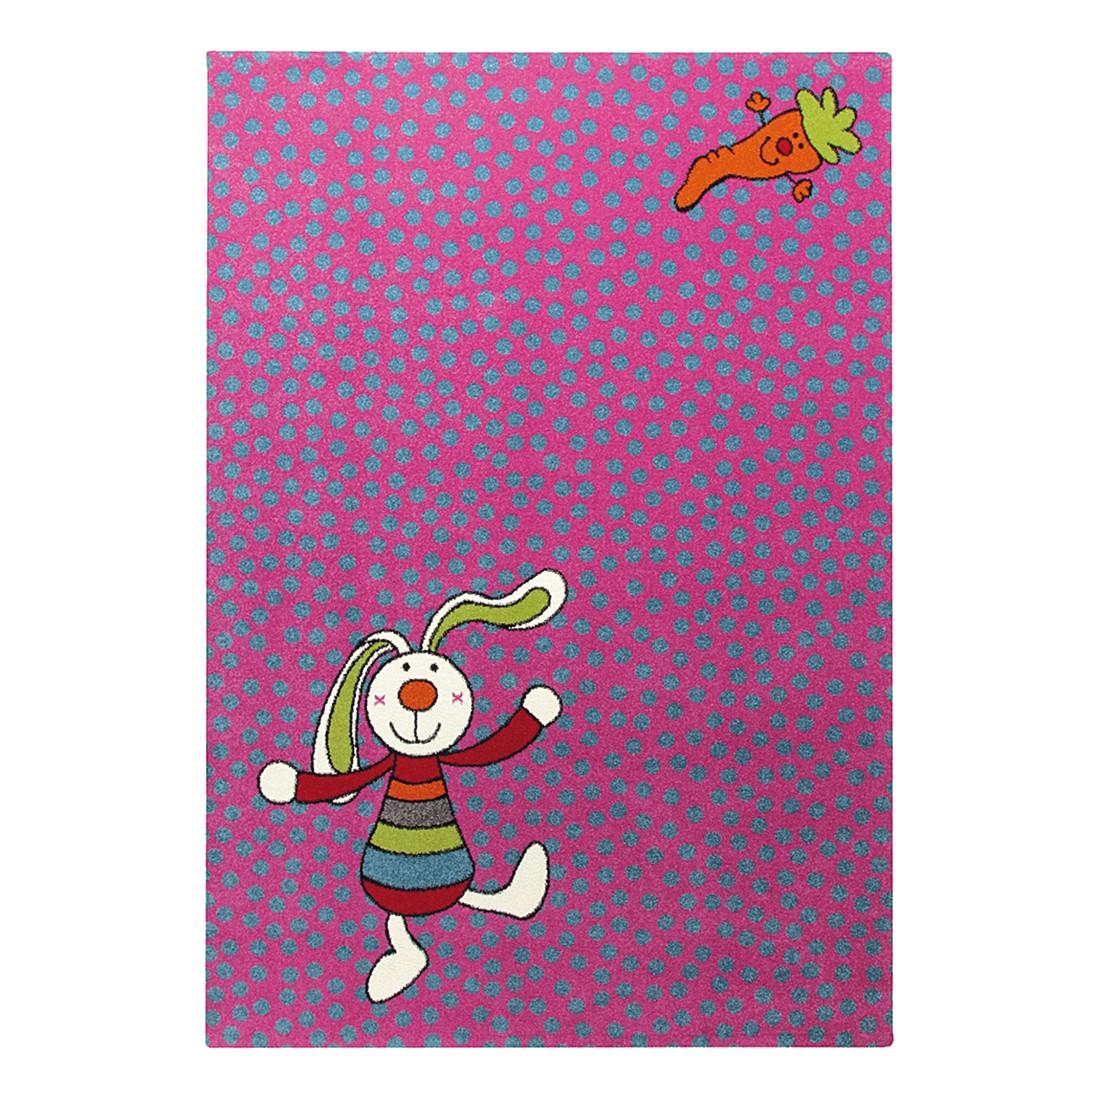 Home 24 - Tapis pour enfant rainbow rabbit - rose vif - 160 x 225 cm, sigikid